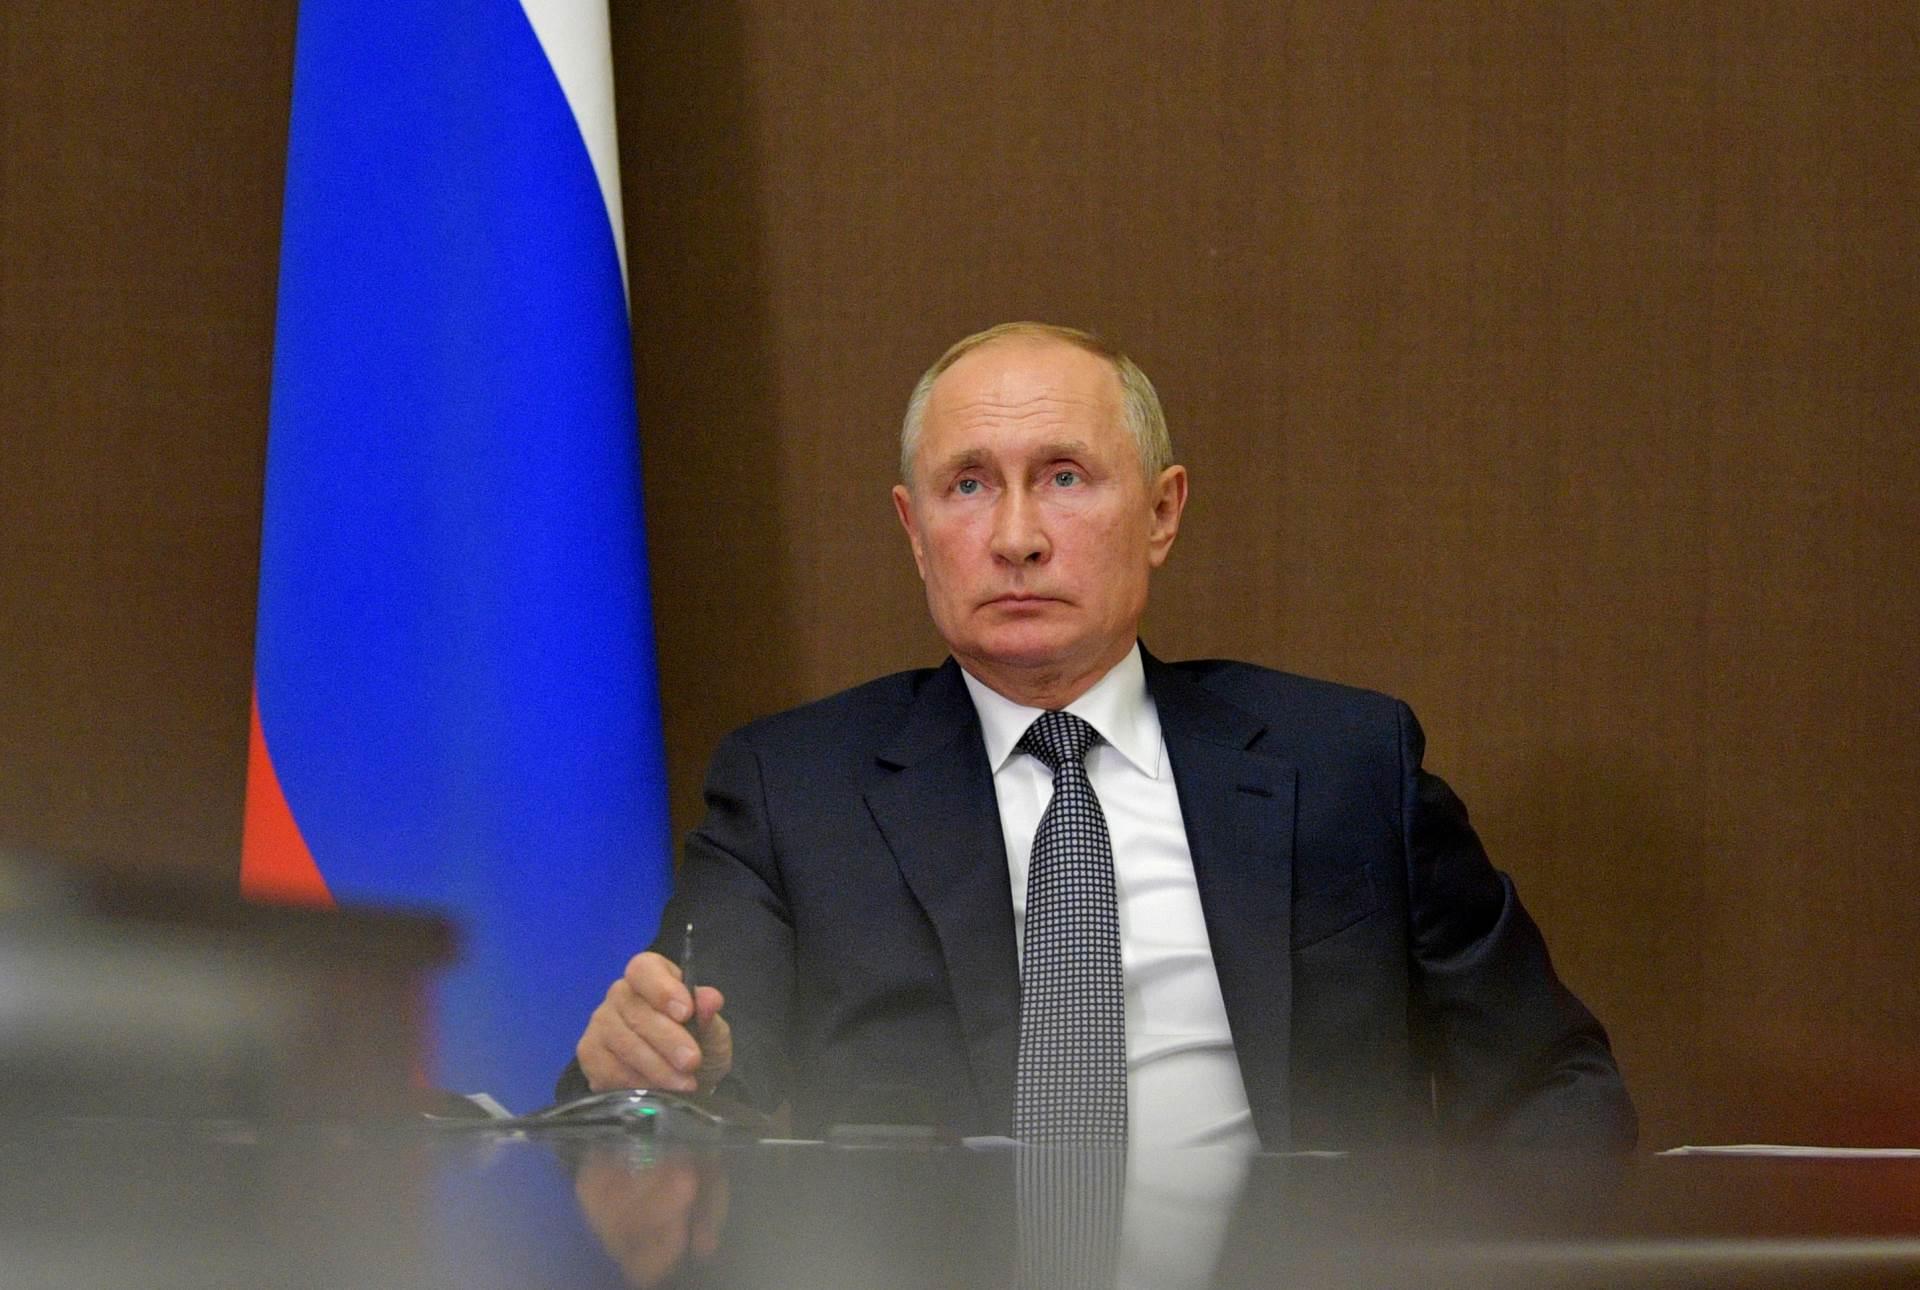 2020 09 28T183242Z 120483339 RC2U7J9JCTAY RTRMADP 3 RUSSIA POLITICS